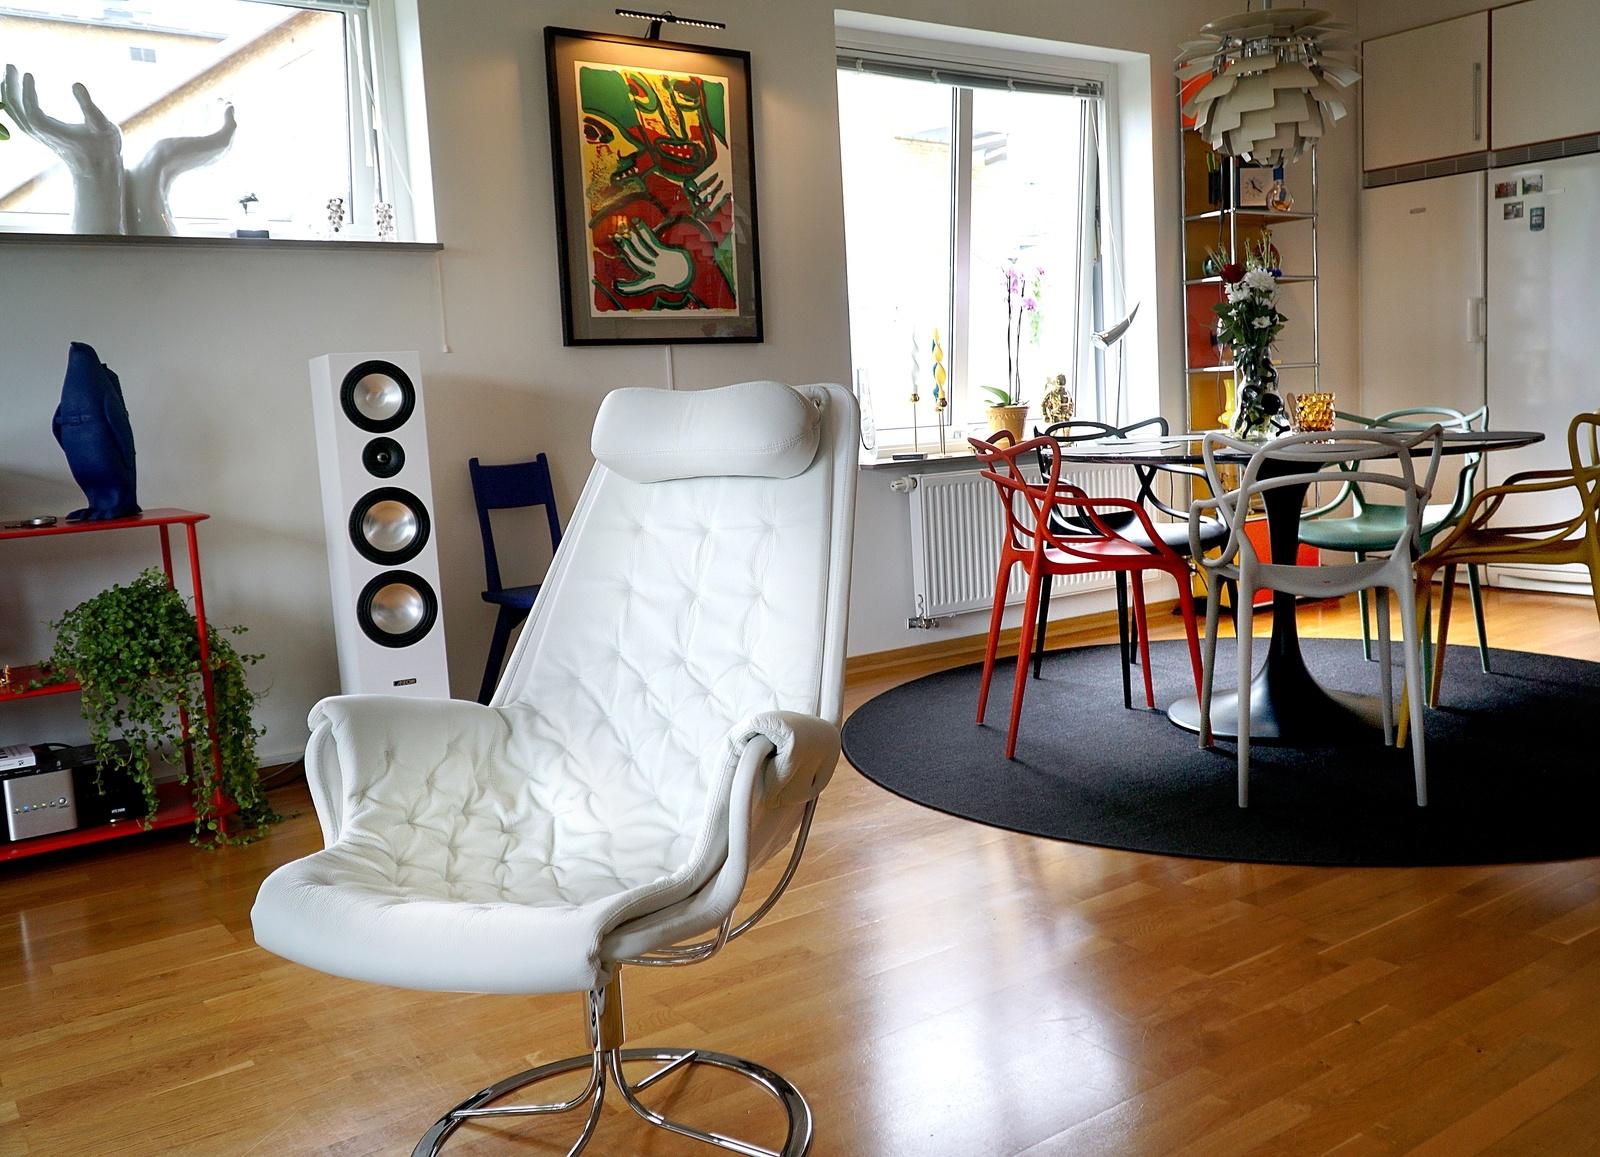 Jetsonfåtöljen köptes in nyligen och samtidigt såldes två andra fåtöljer. Det hör till vanligheterna att möbler och prylar byts ut.